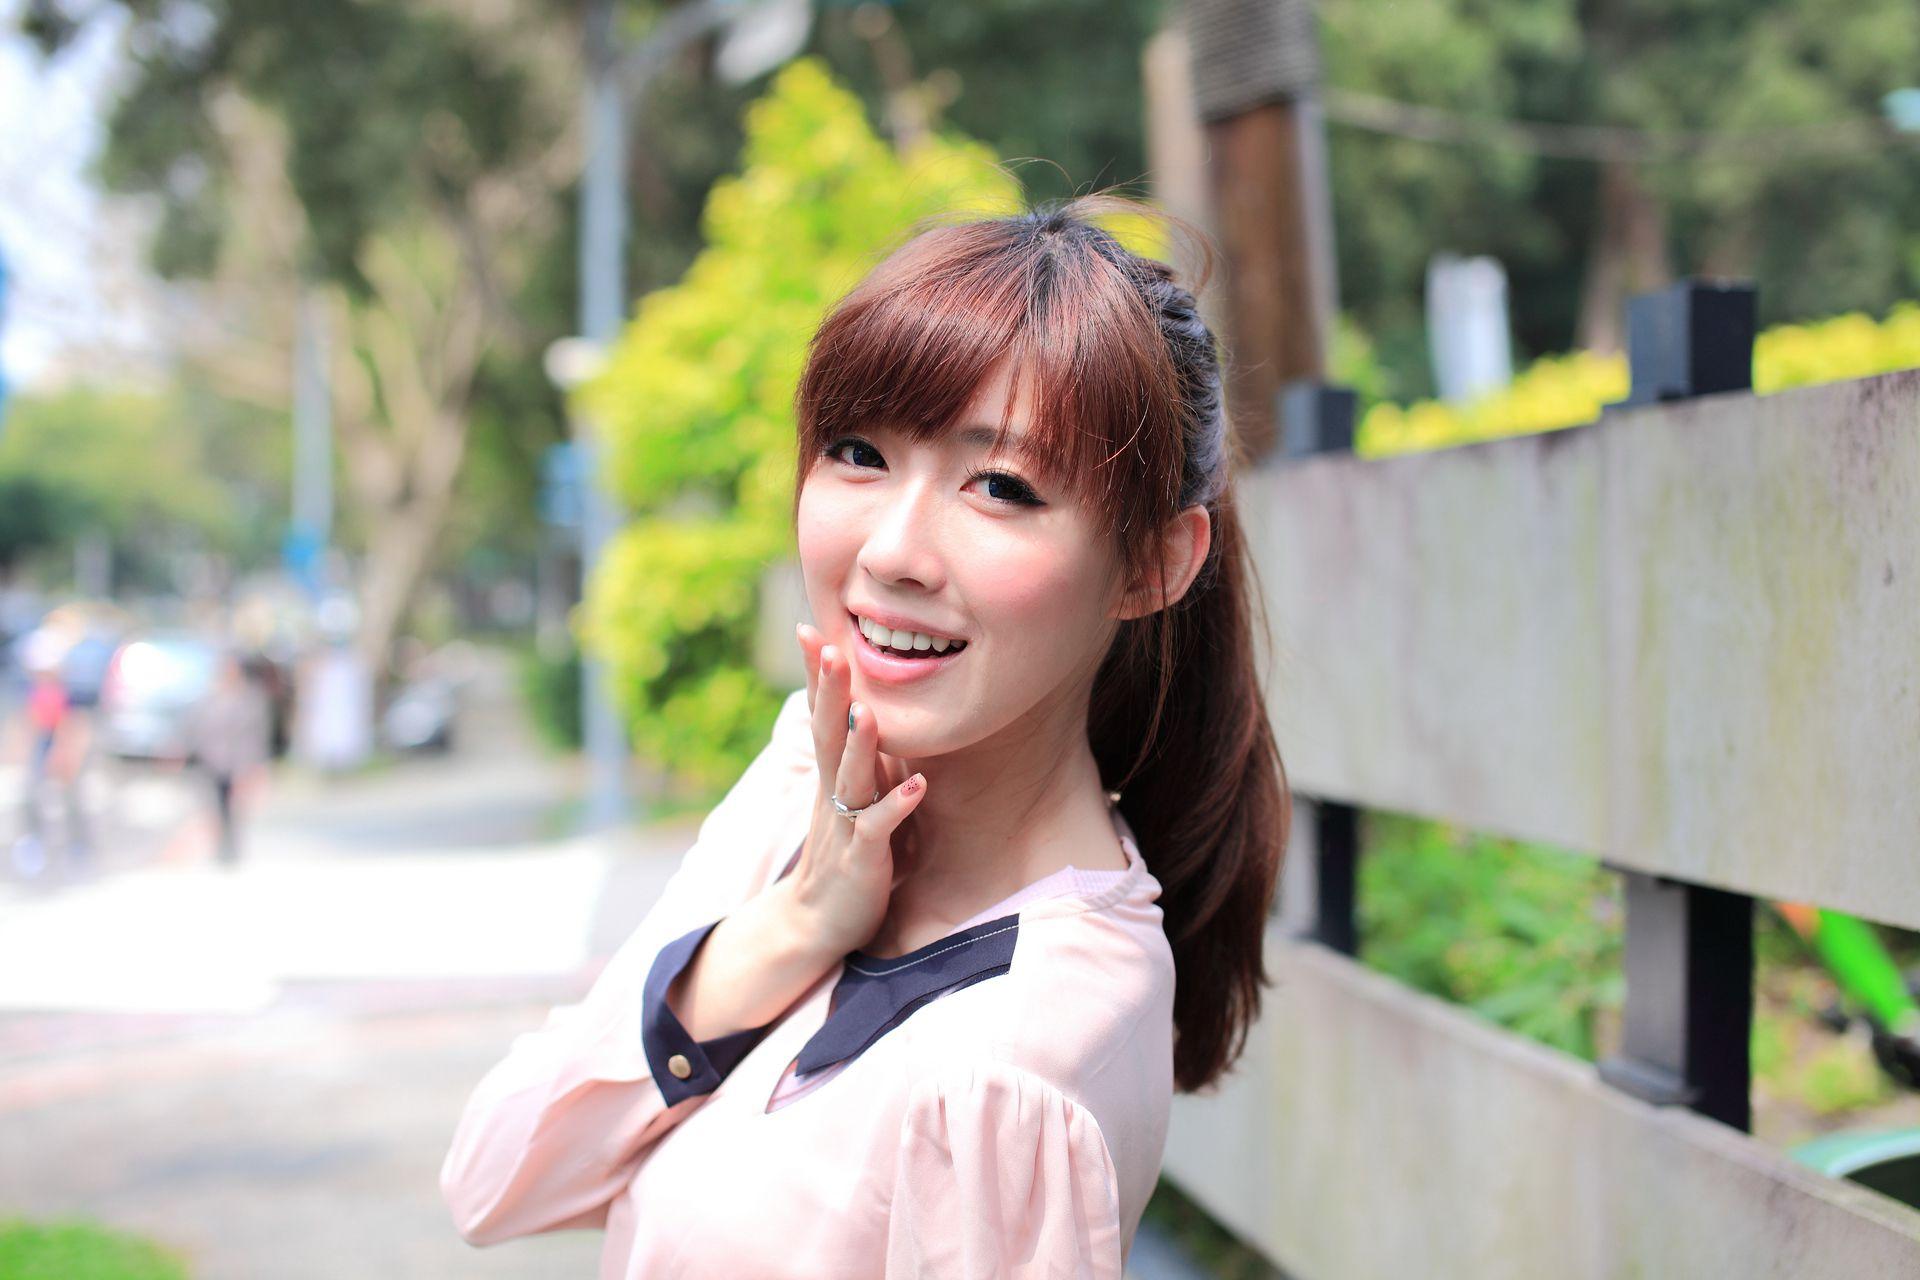 VOL.743 [台湾正妹]清新妹子街拍美臀街拍短裙:金允乔(廖挺伶,kila晶晶)高品质写真套图(57P)